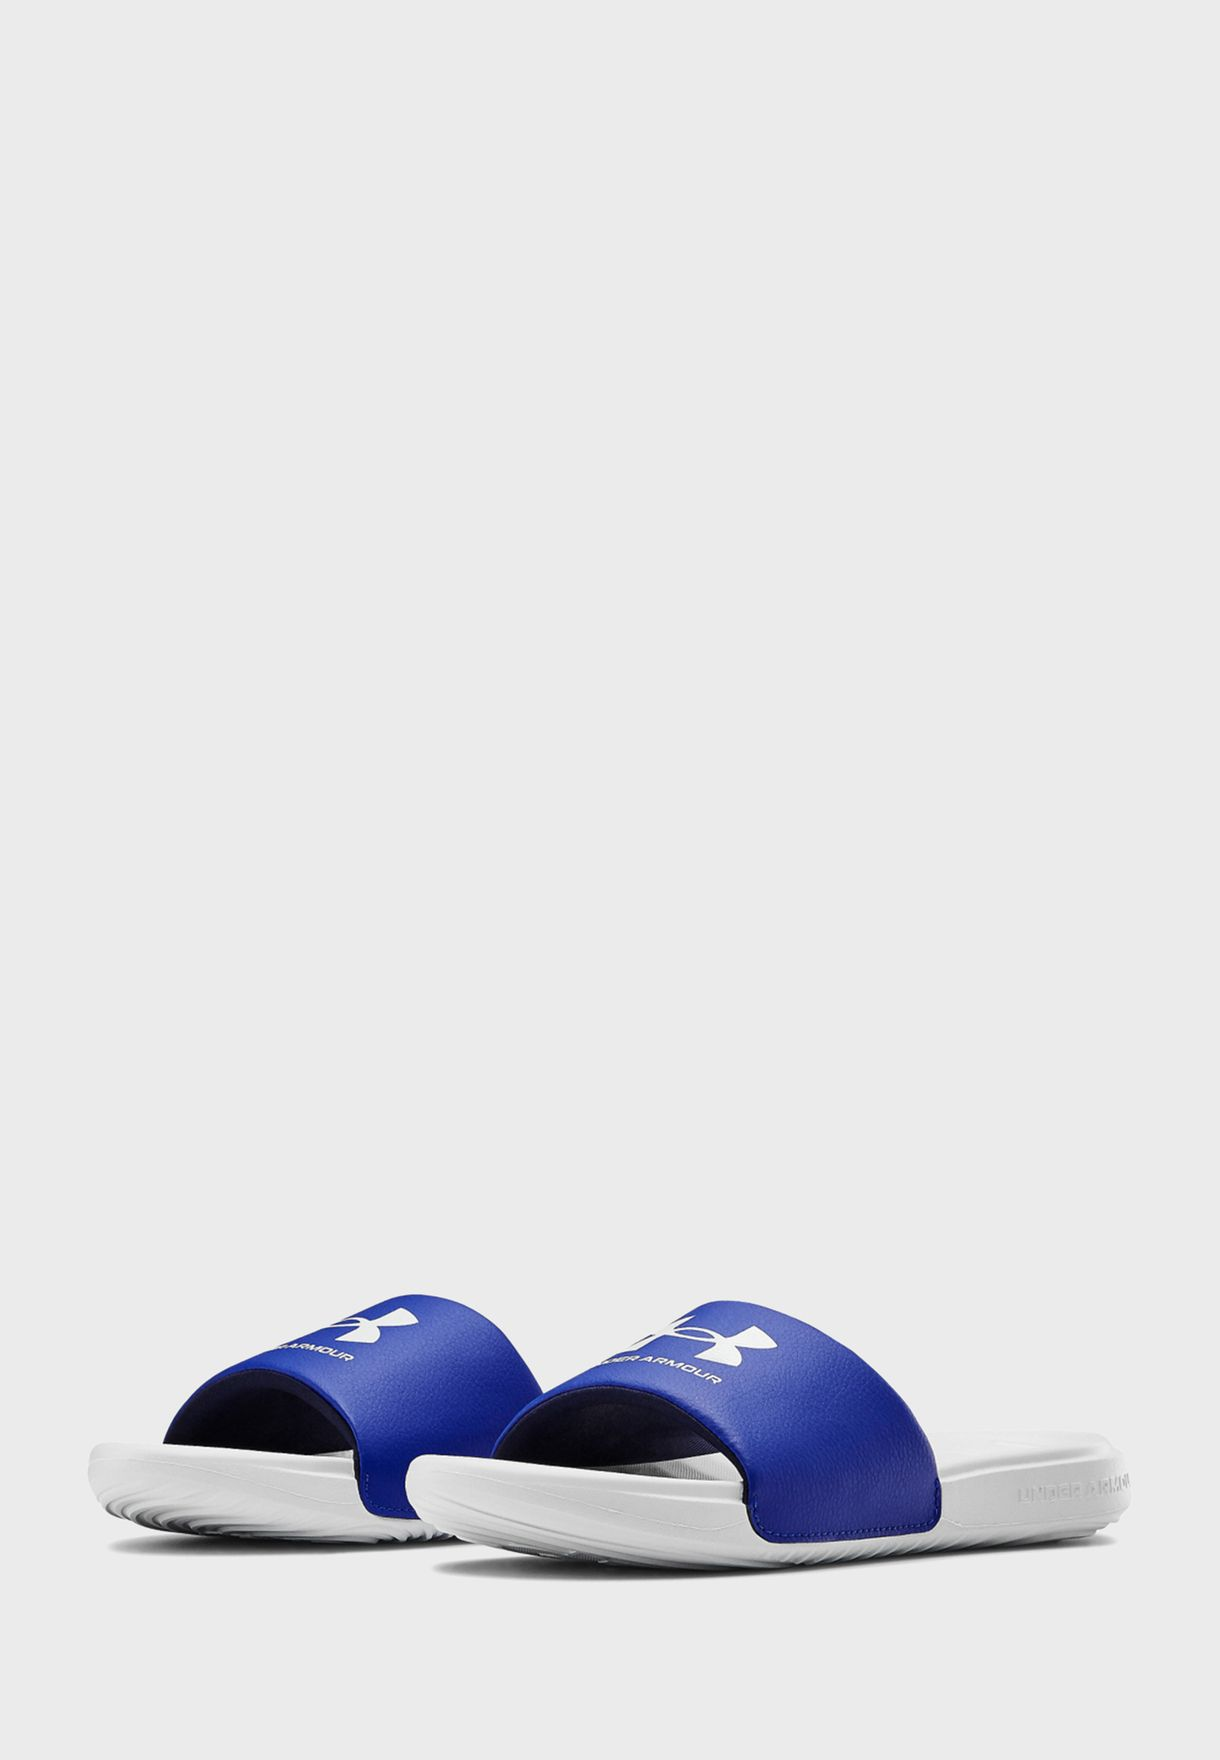 حذاء انسا فيكس اس ال